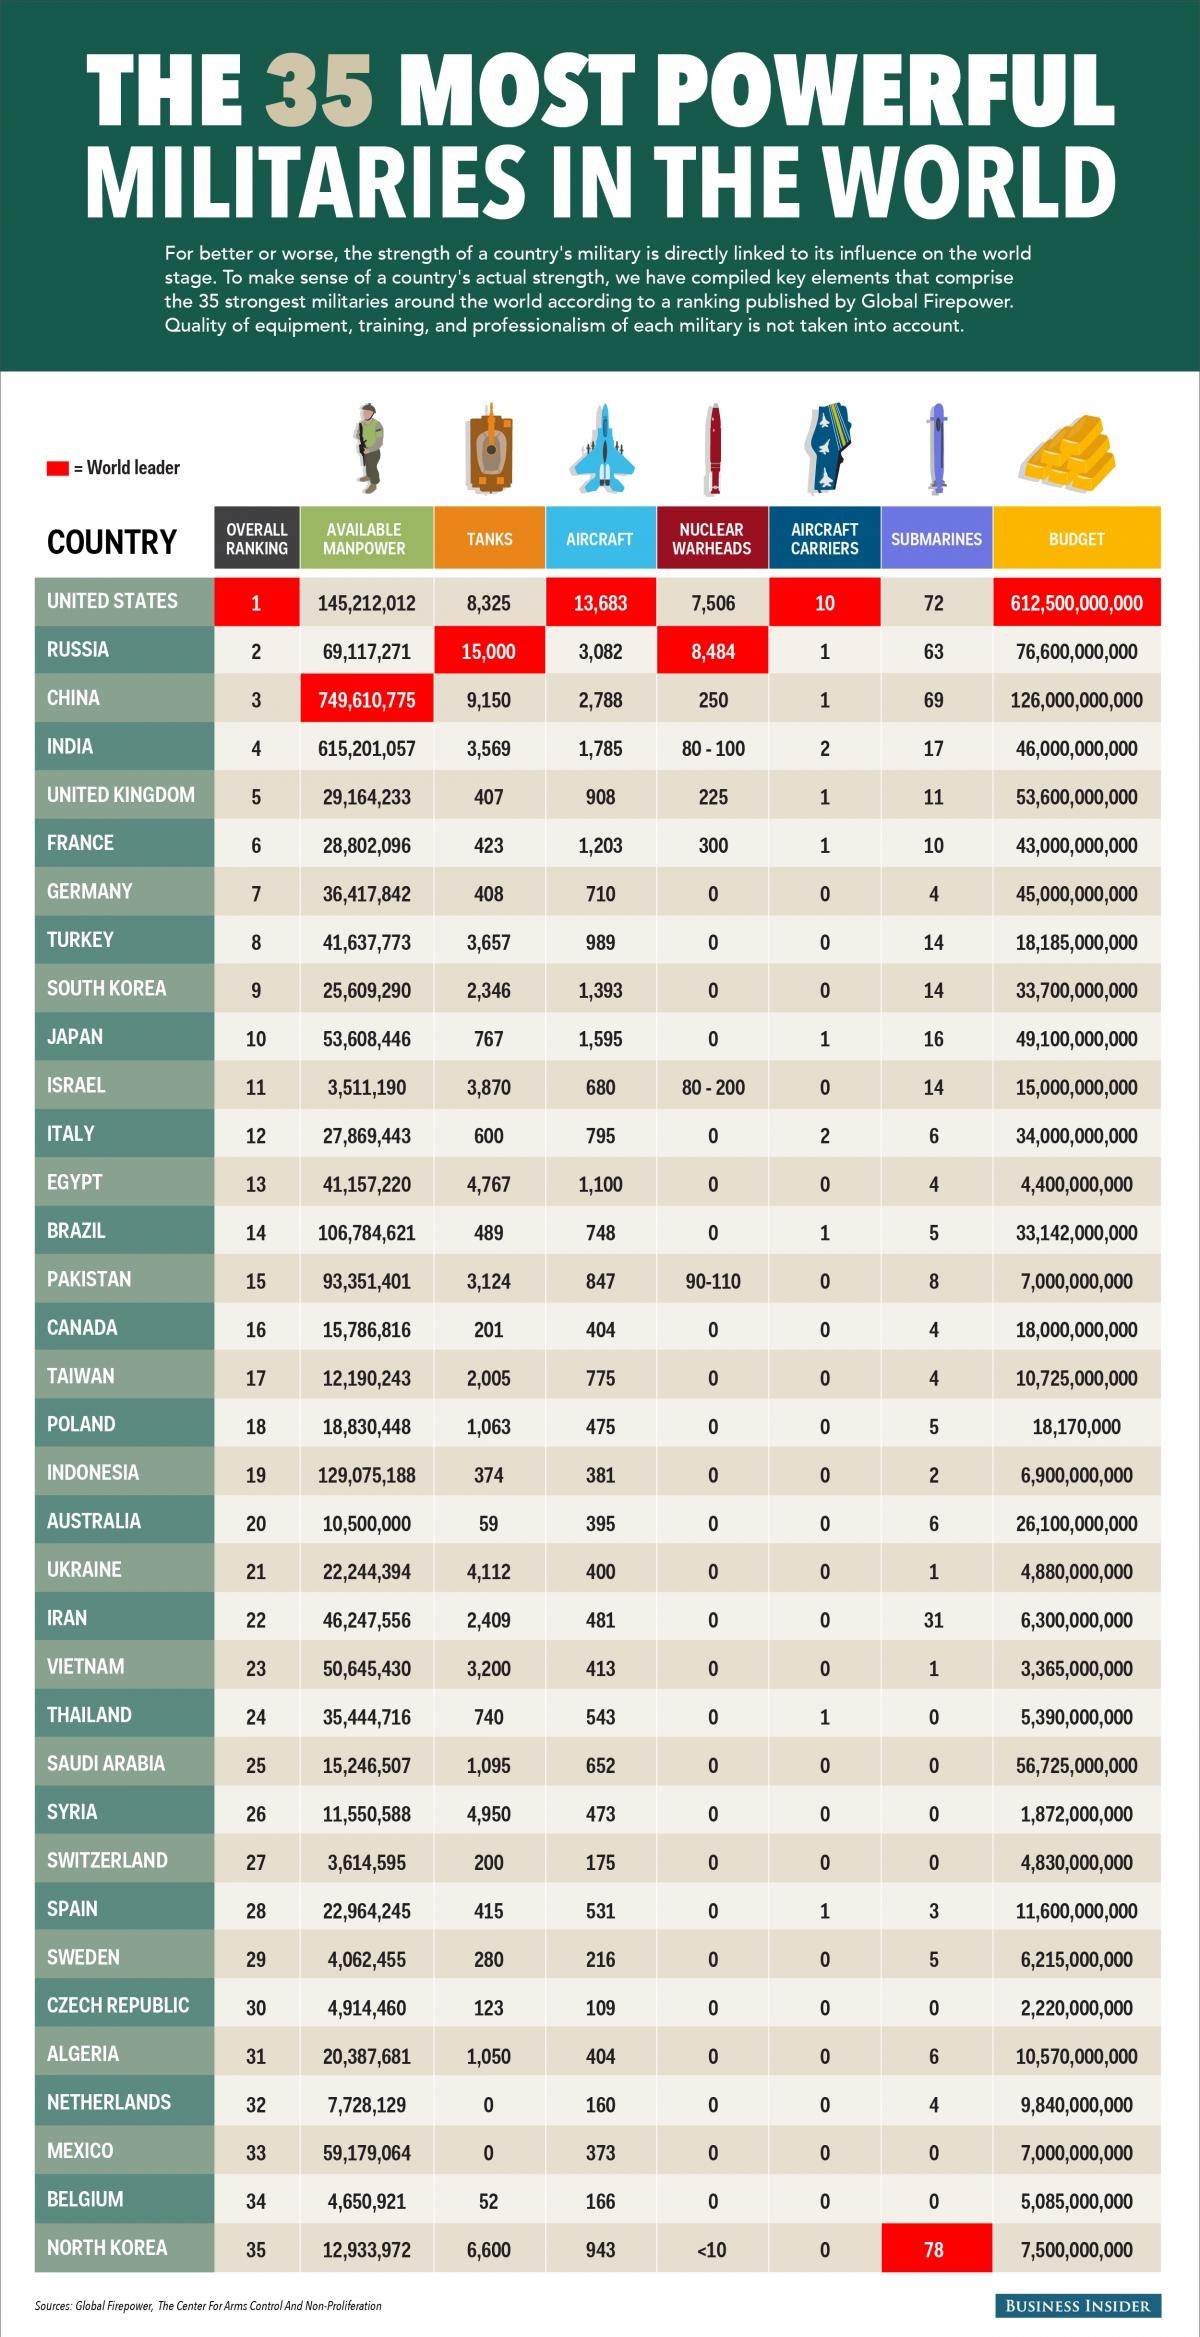 ABD birinci sırada Türkiye ise 8. sırada